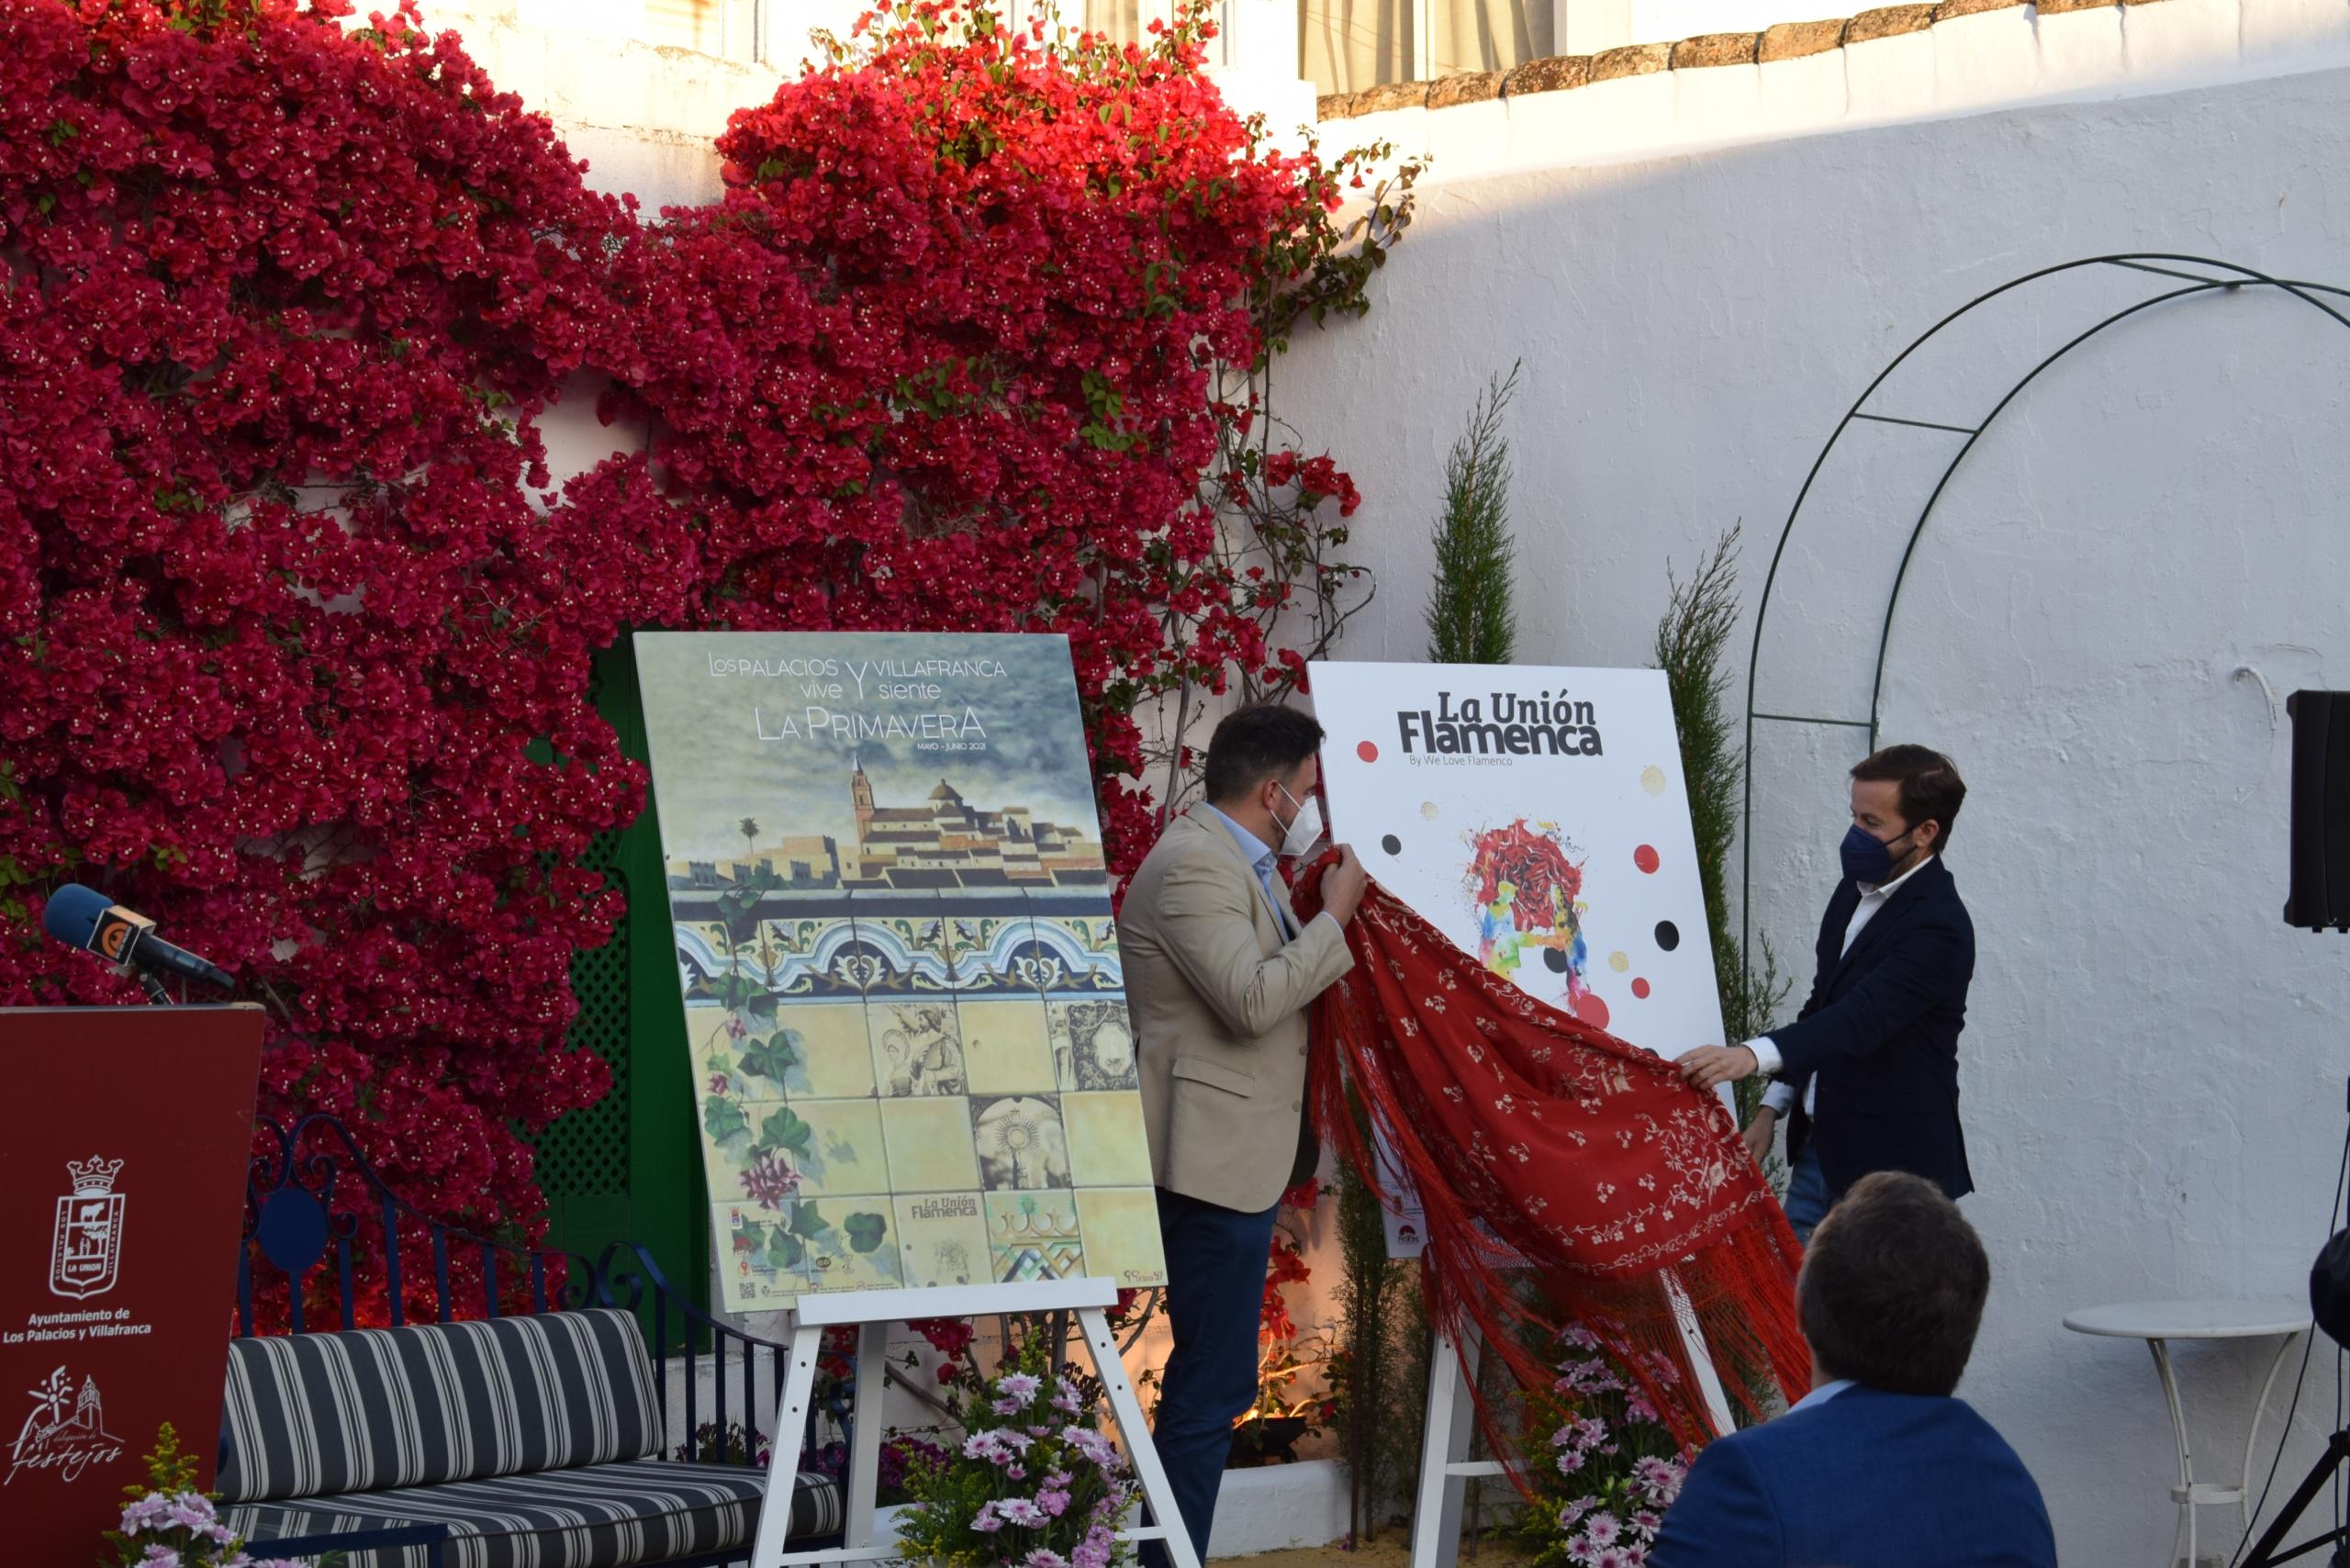 Presentación La Unión Flamenca